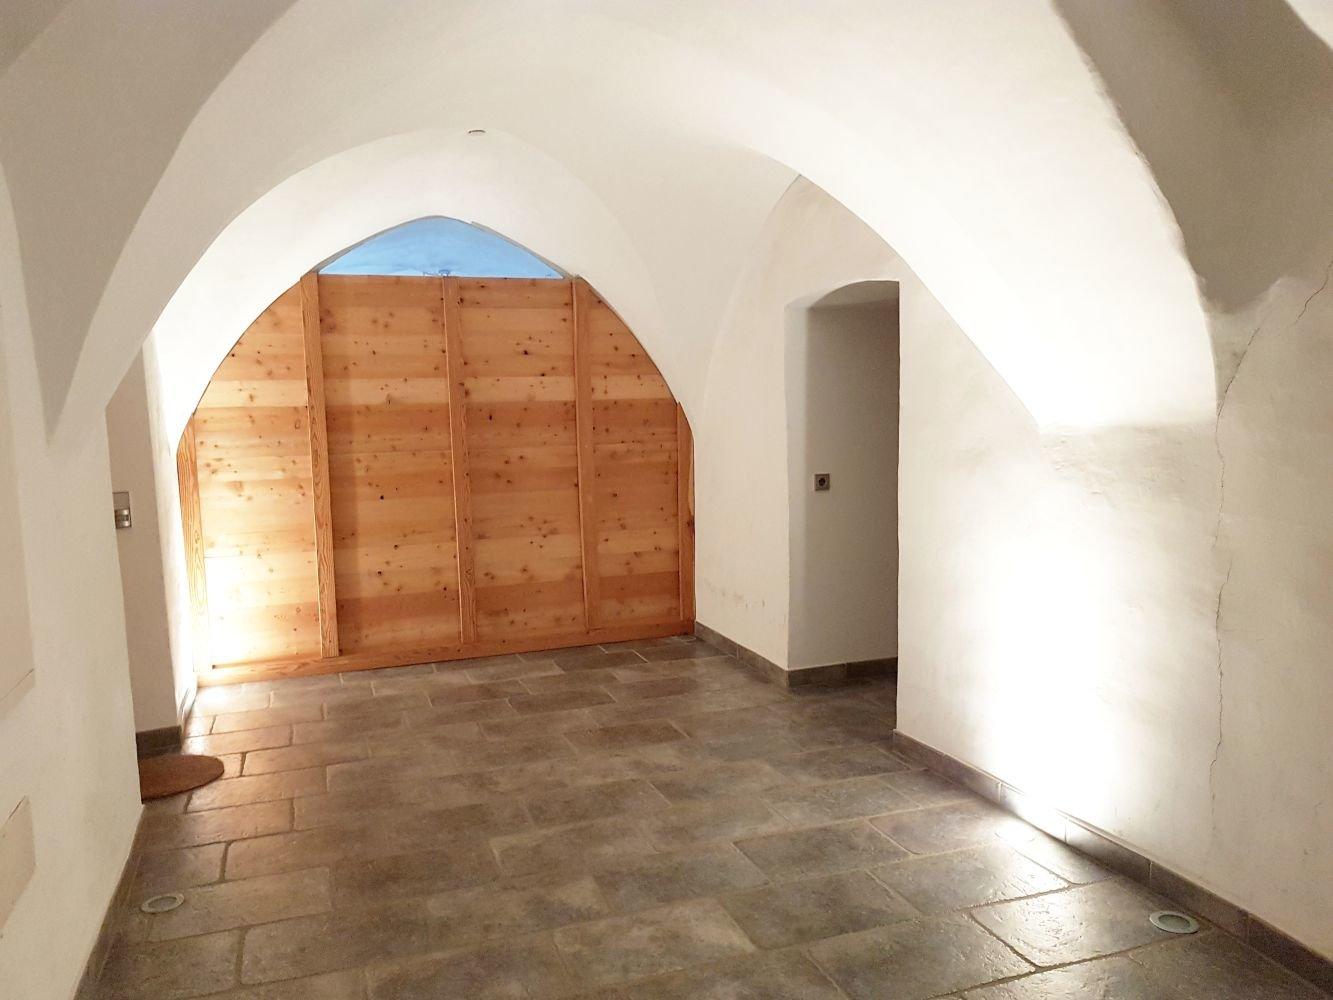 Hauseingang/entrata di casa